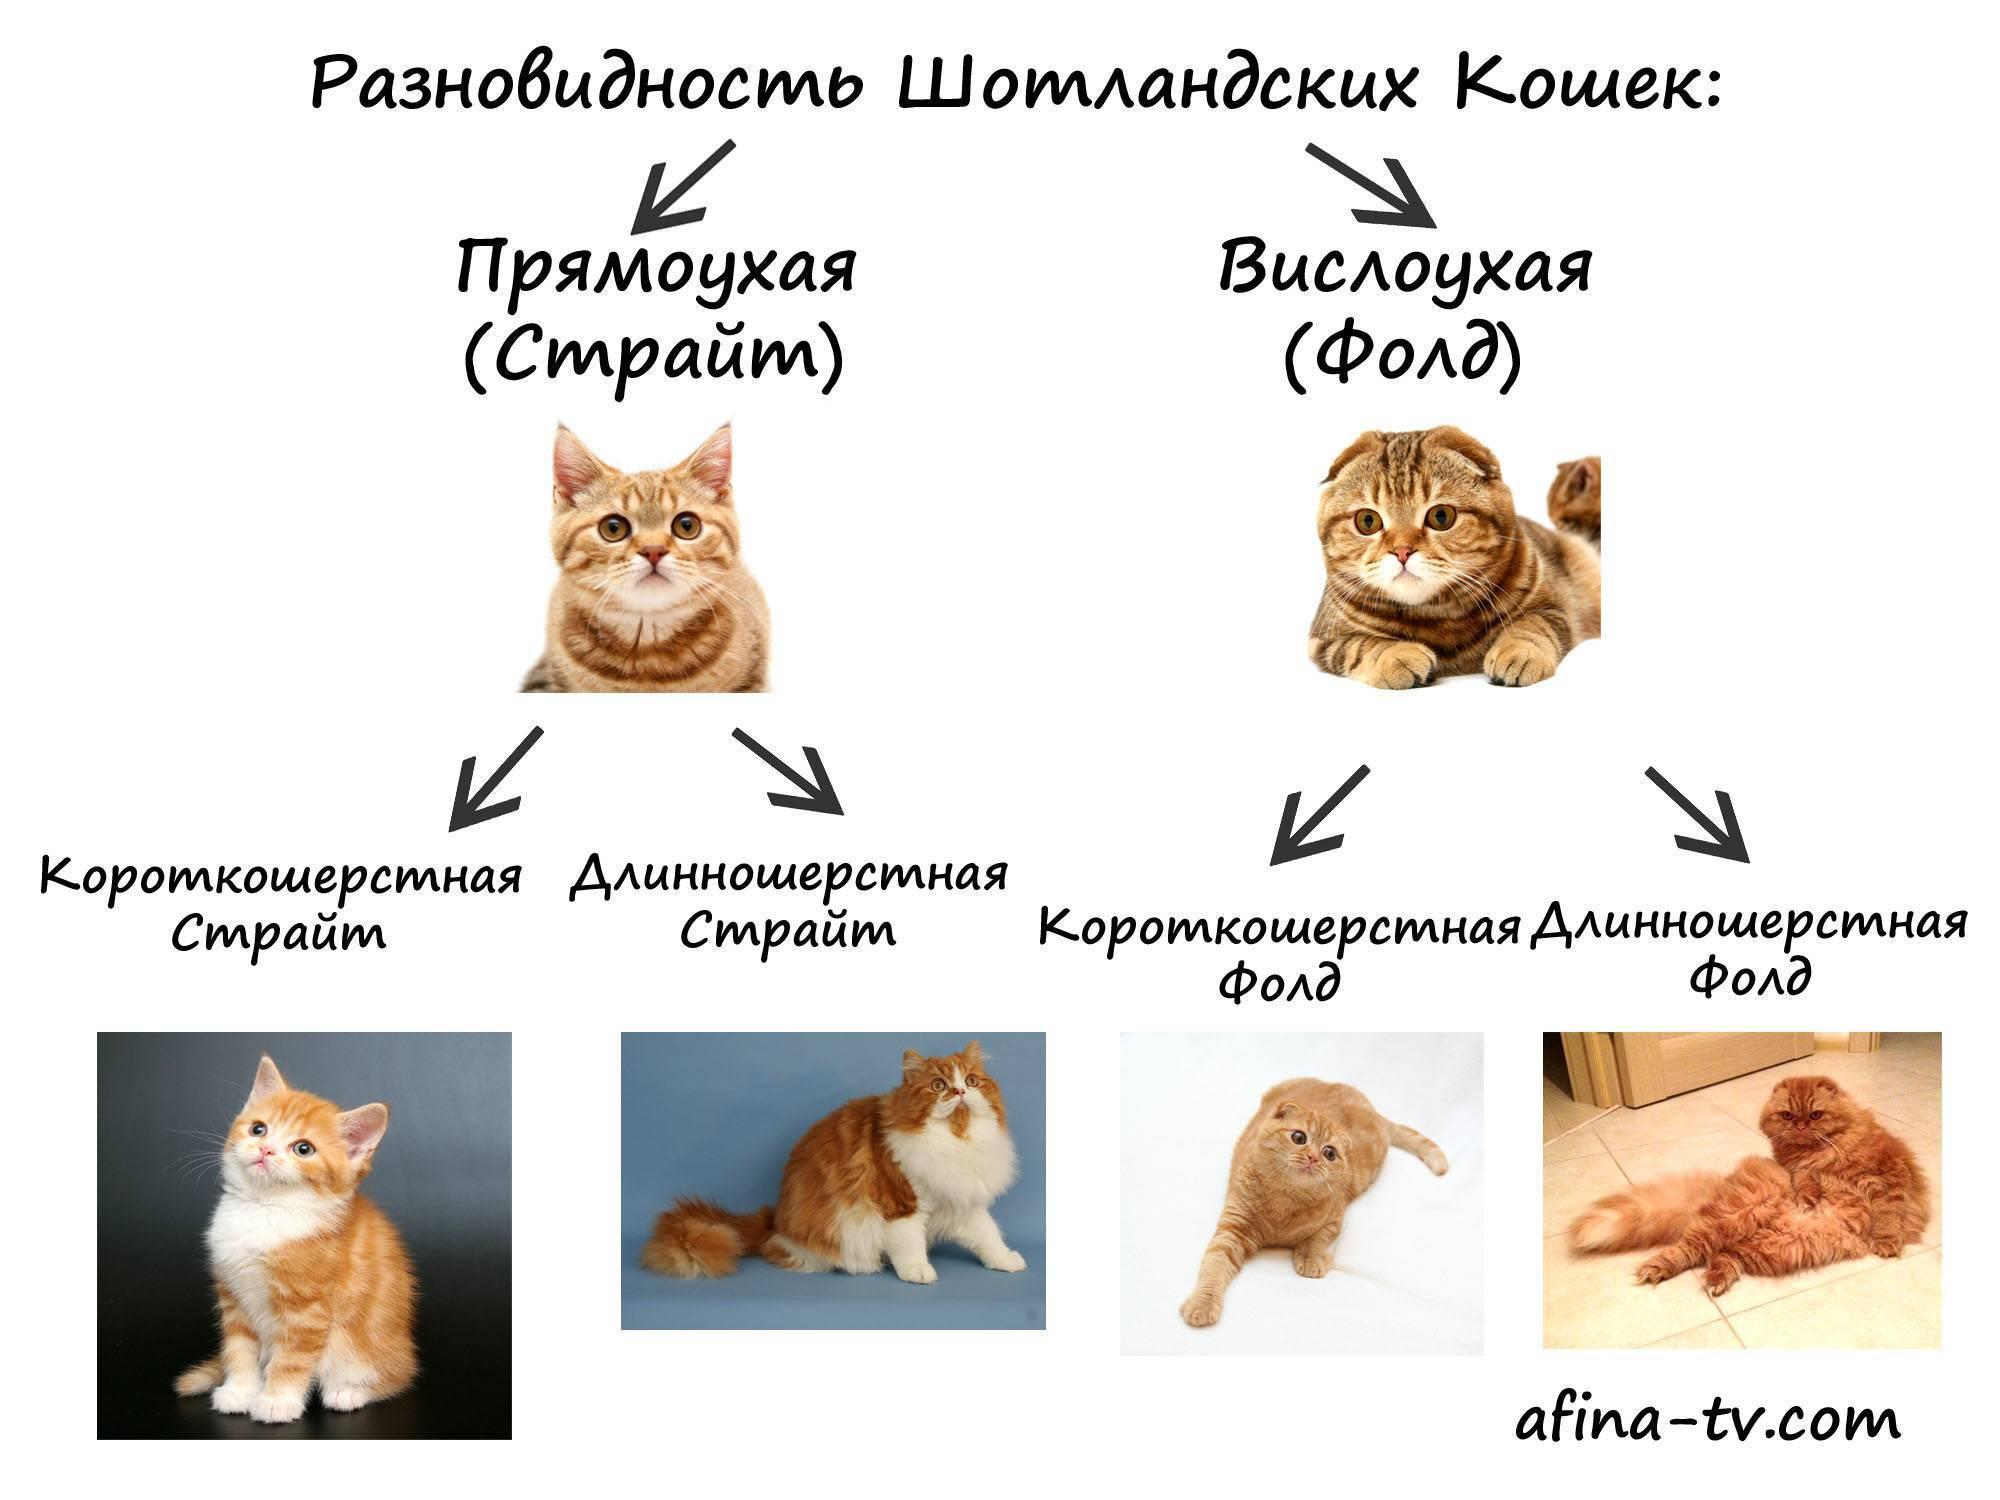 Спаривание котов и кошек